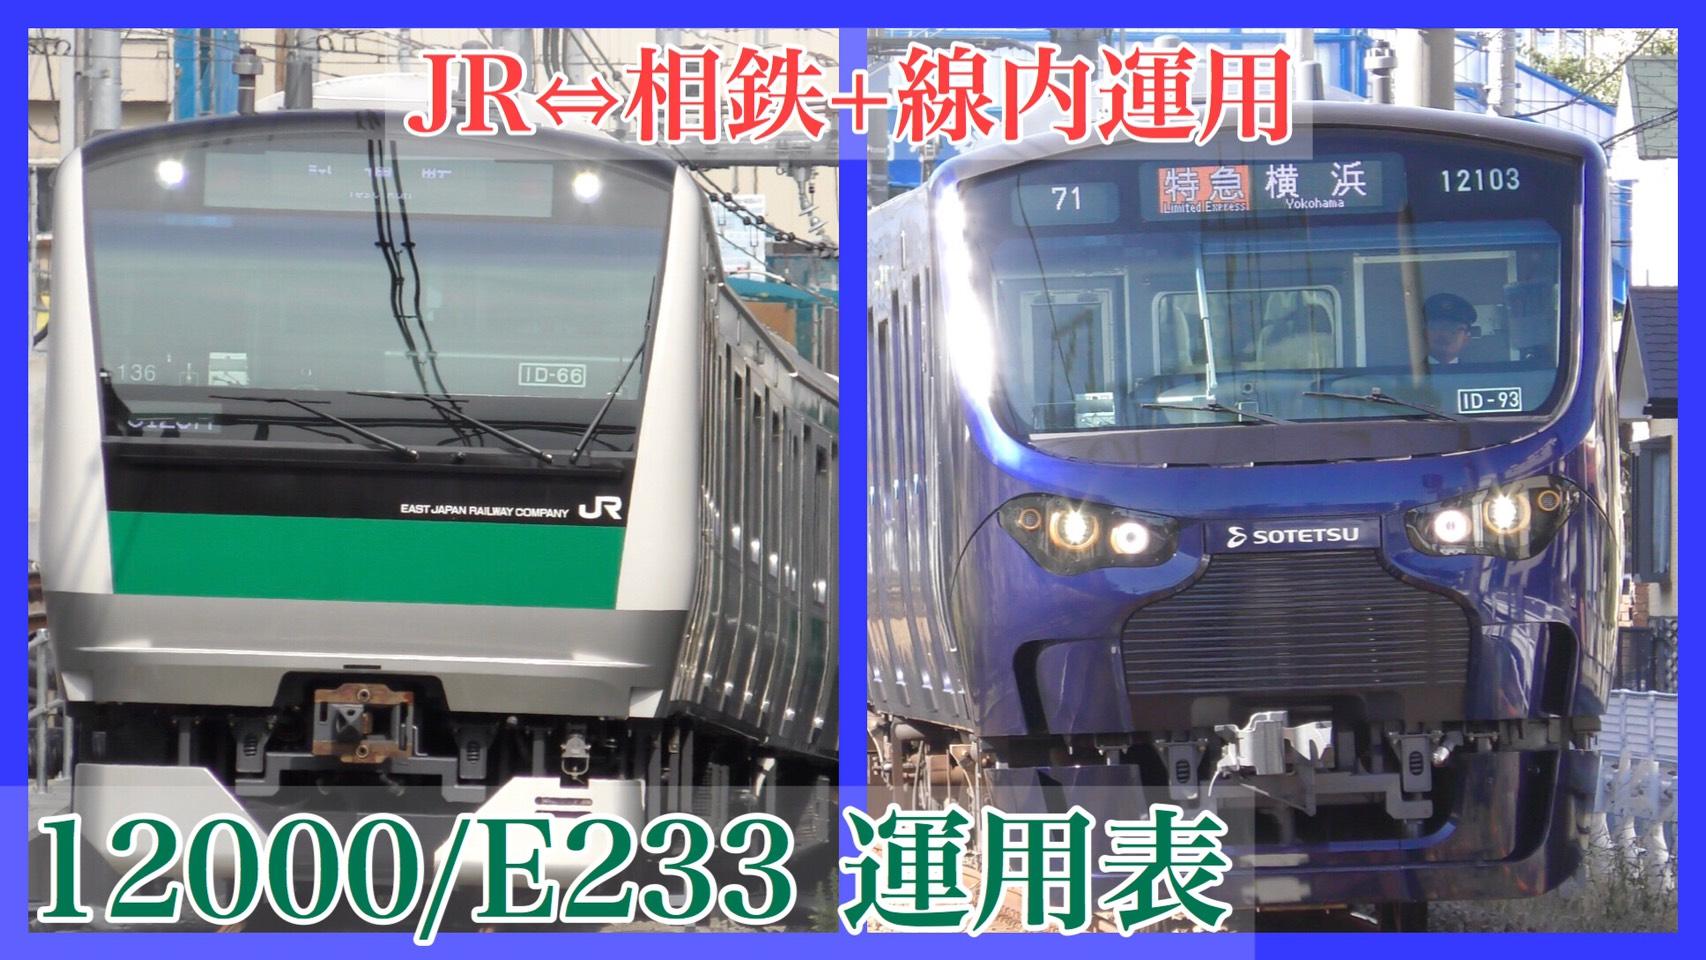 埼京線 遅延 ツイッター